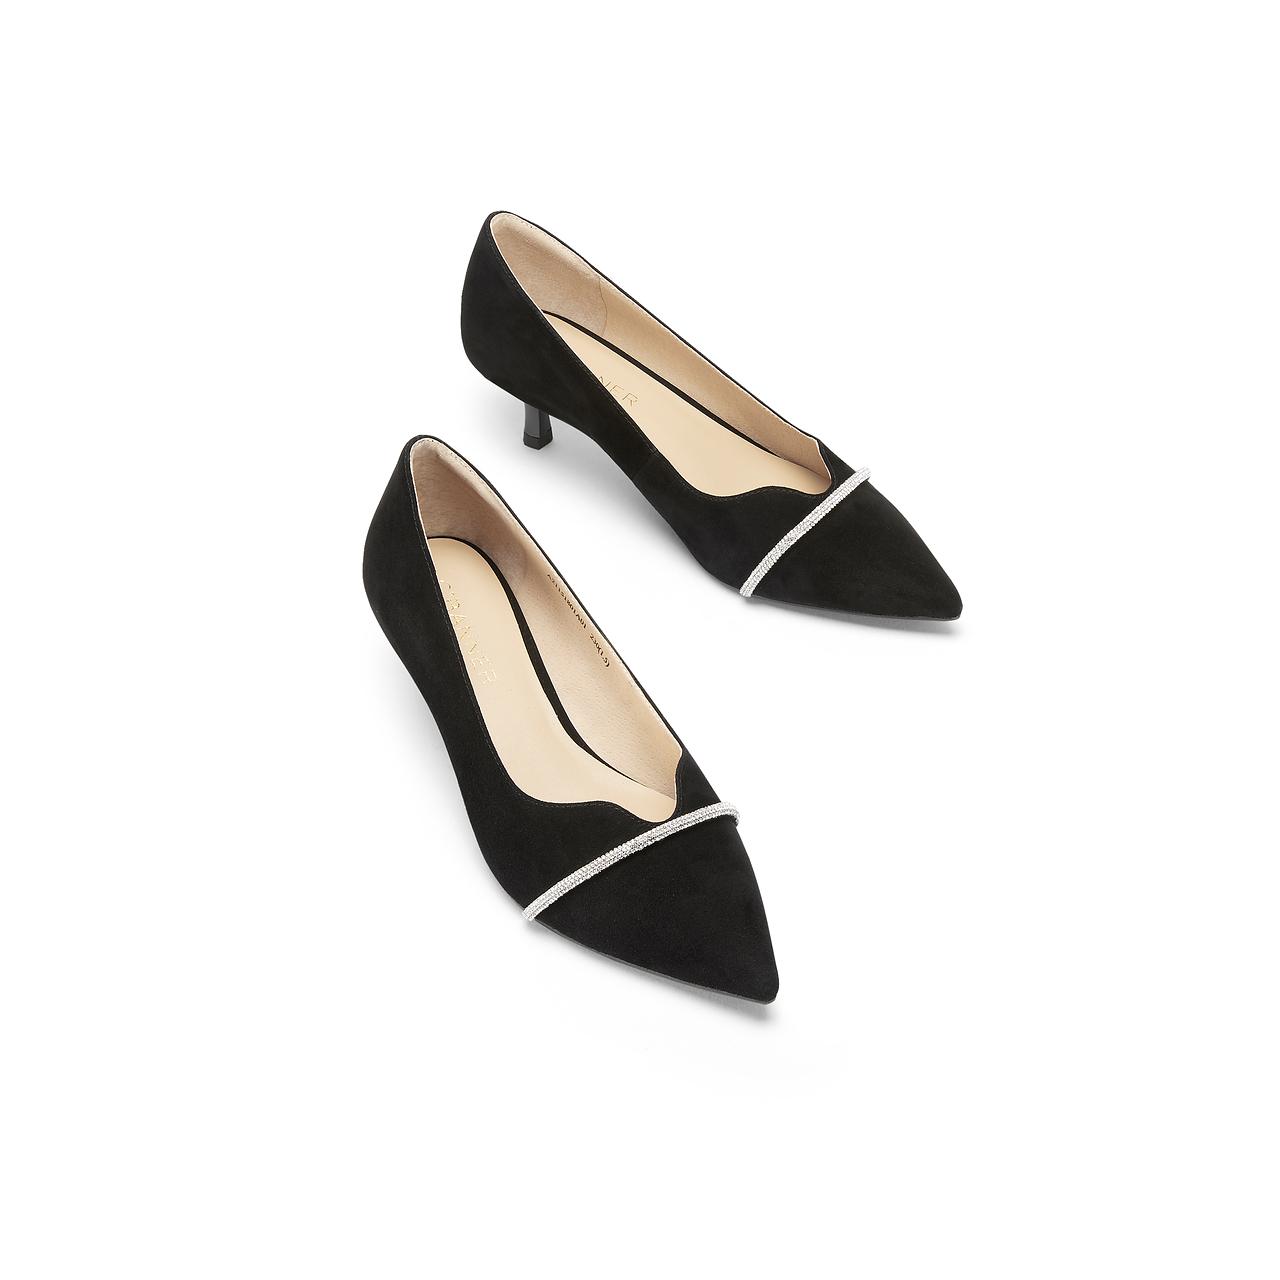 新款浅口水钻尖头鞋简约优雅羊绒单鞋女休闲中跟鞋 2021 千百度女鞋